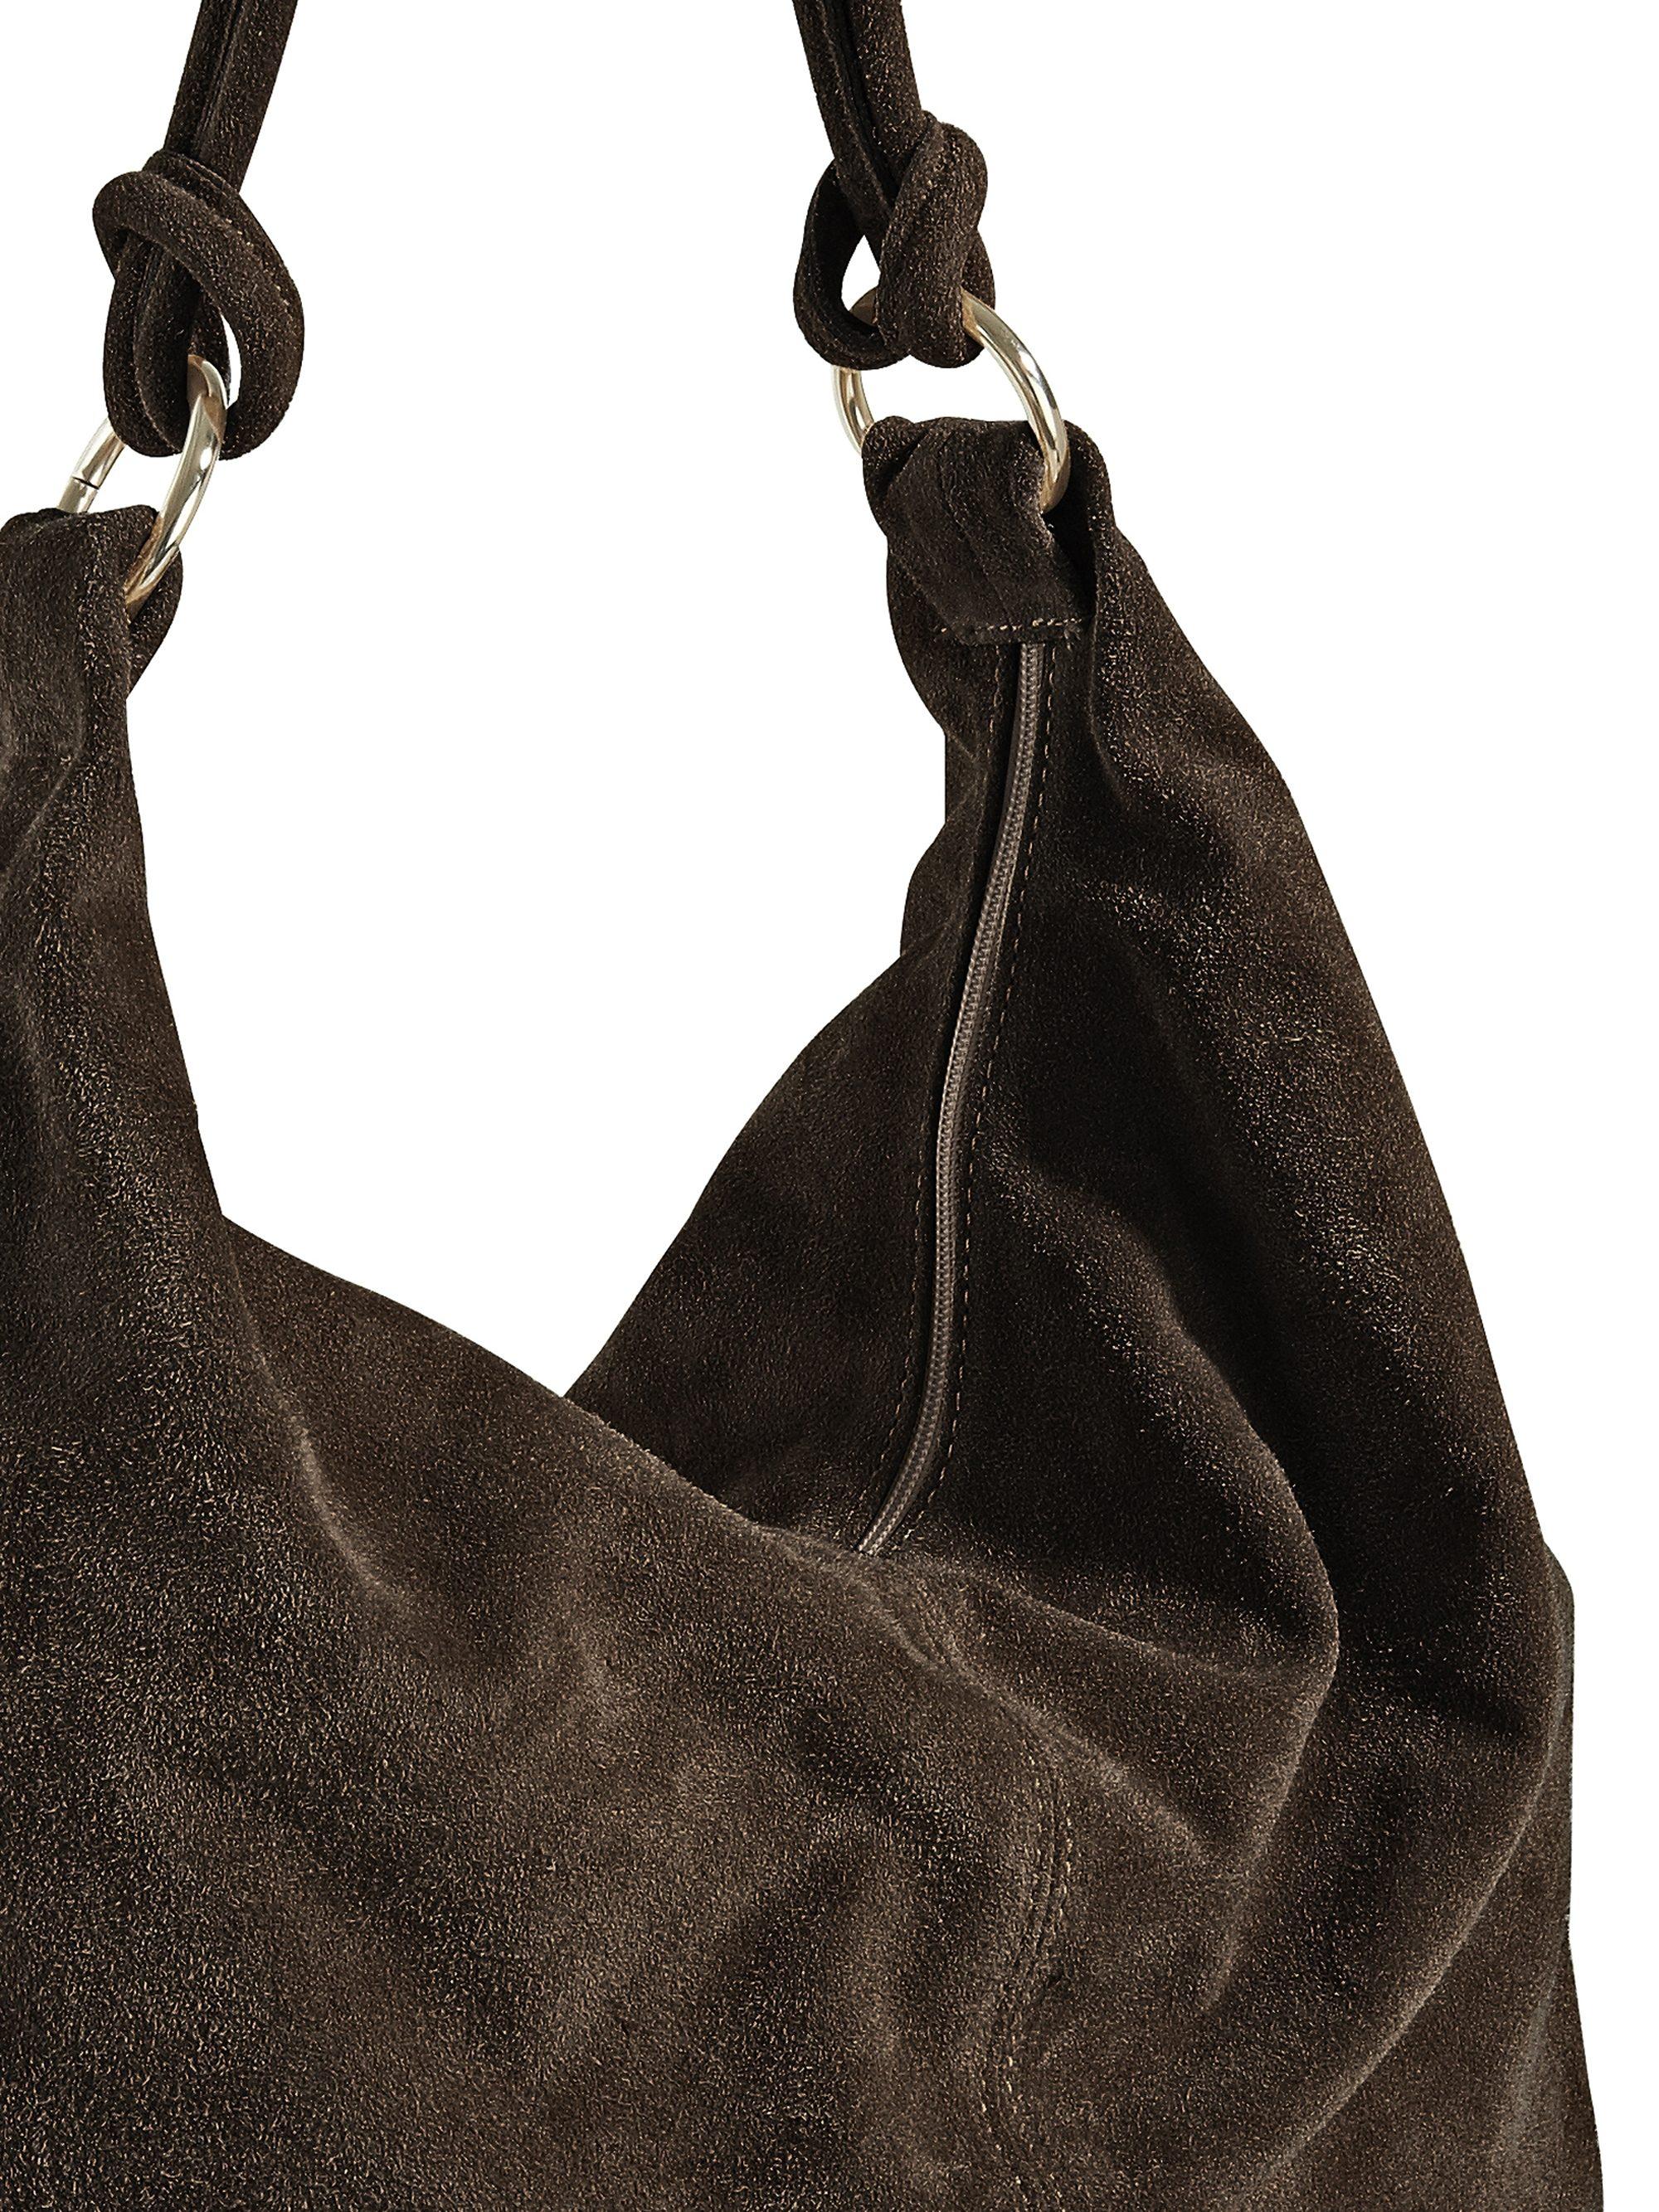 Beutelform Tasche Online Heine Kaufen In 8nwkOX0P